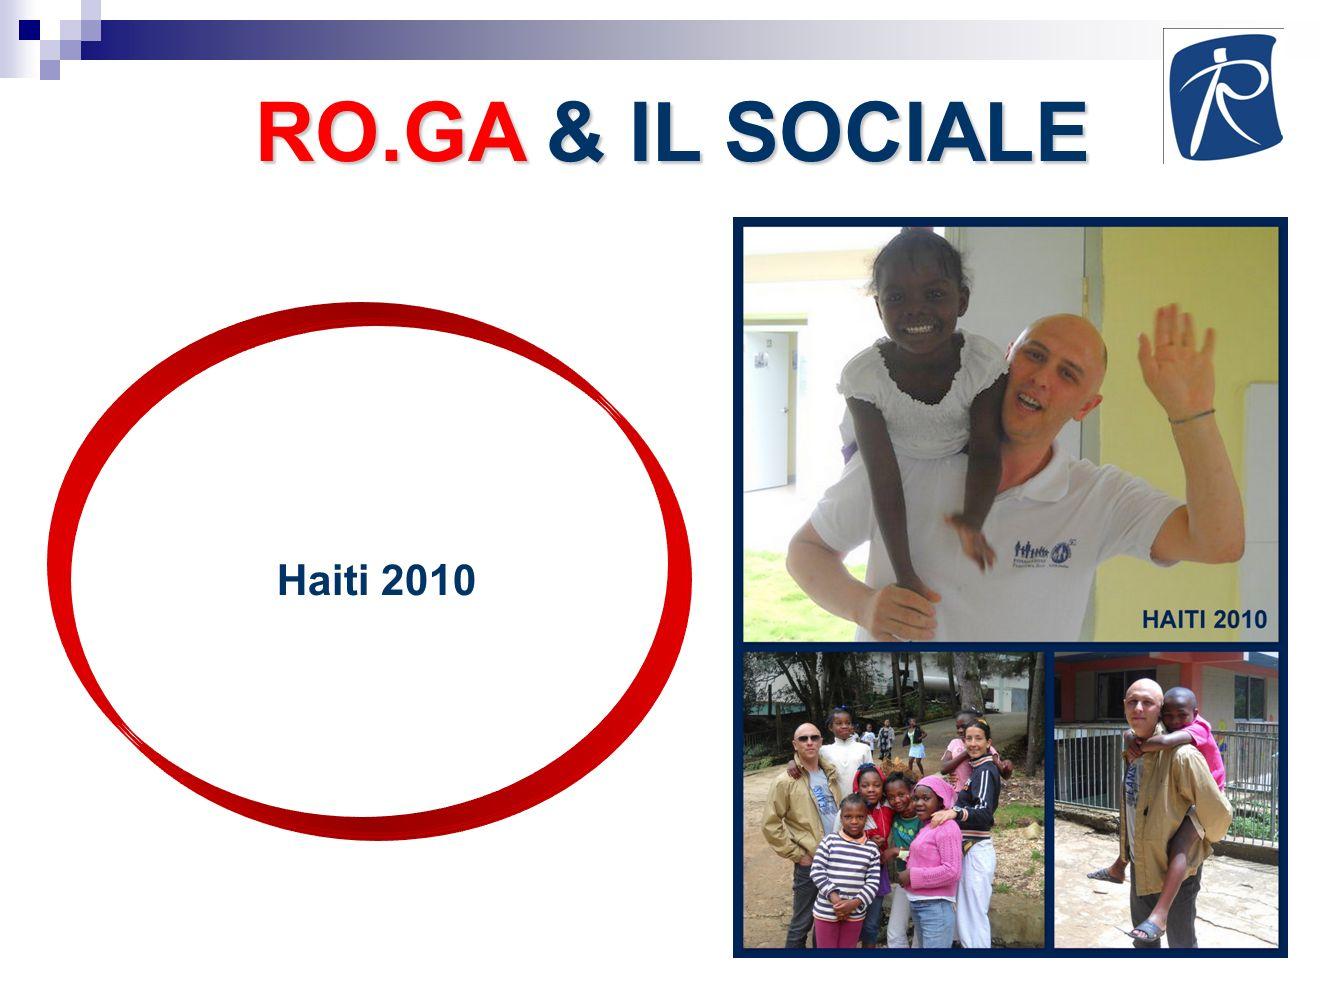 RO.GA & IL SOCIALE Haiti 2010